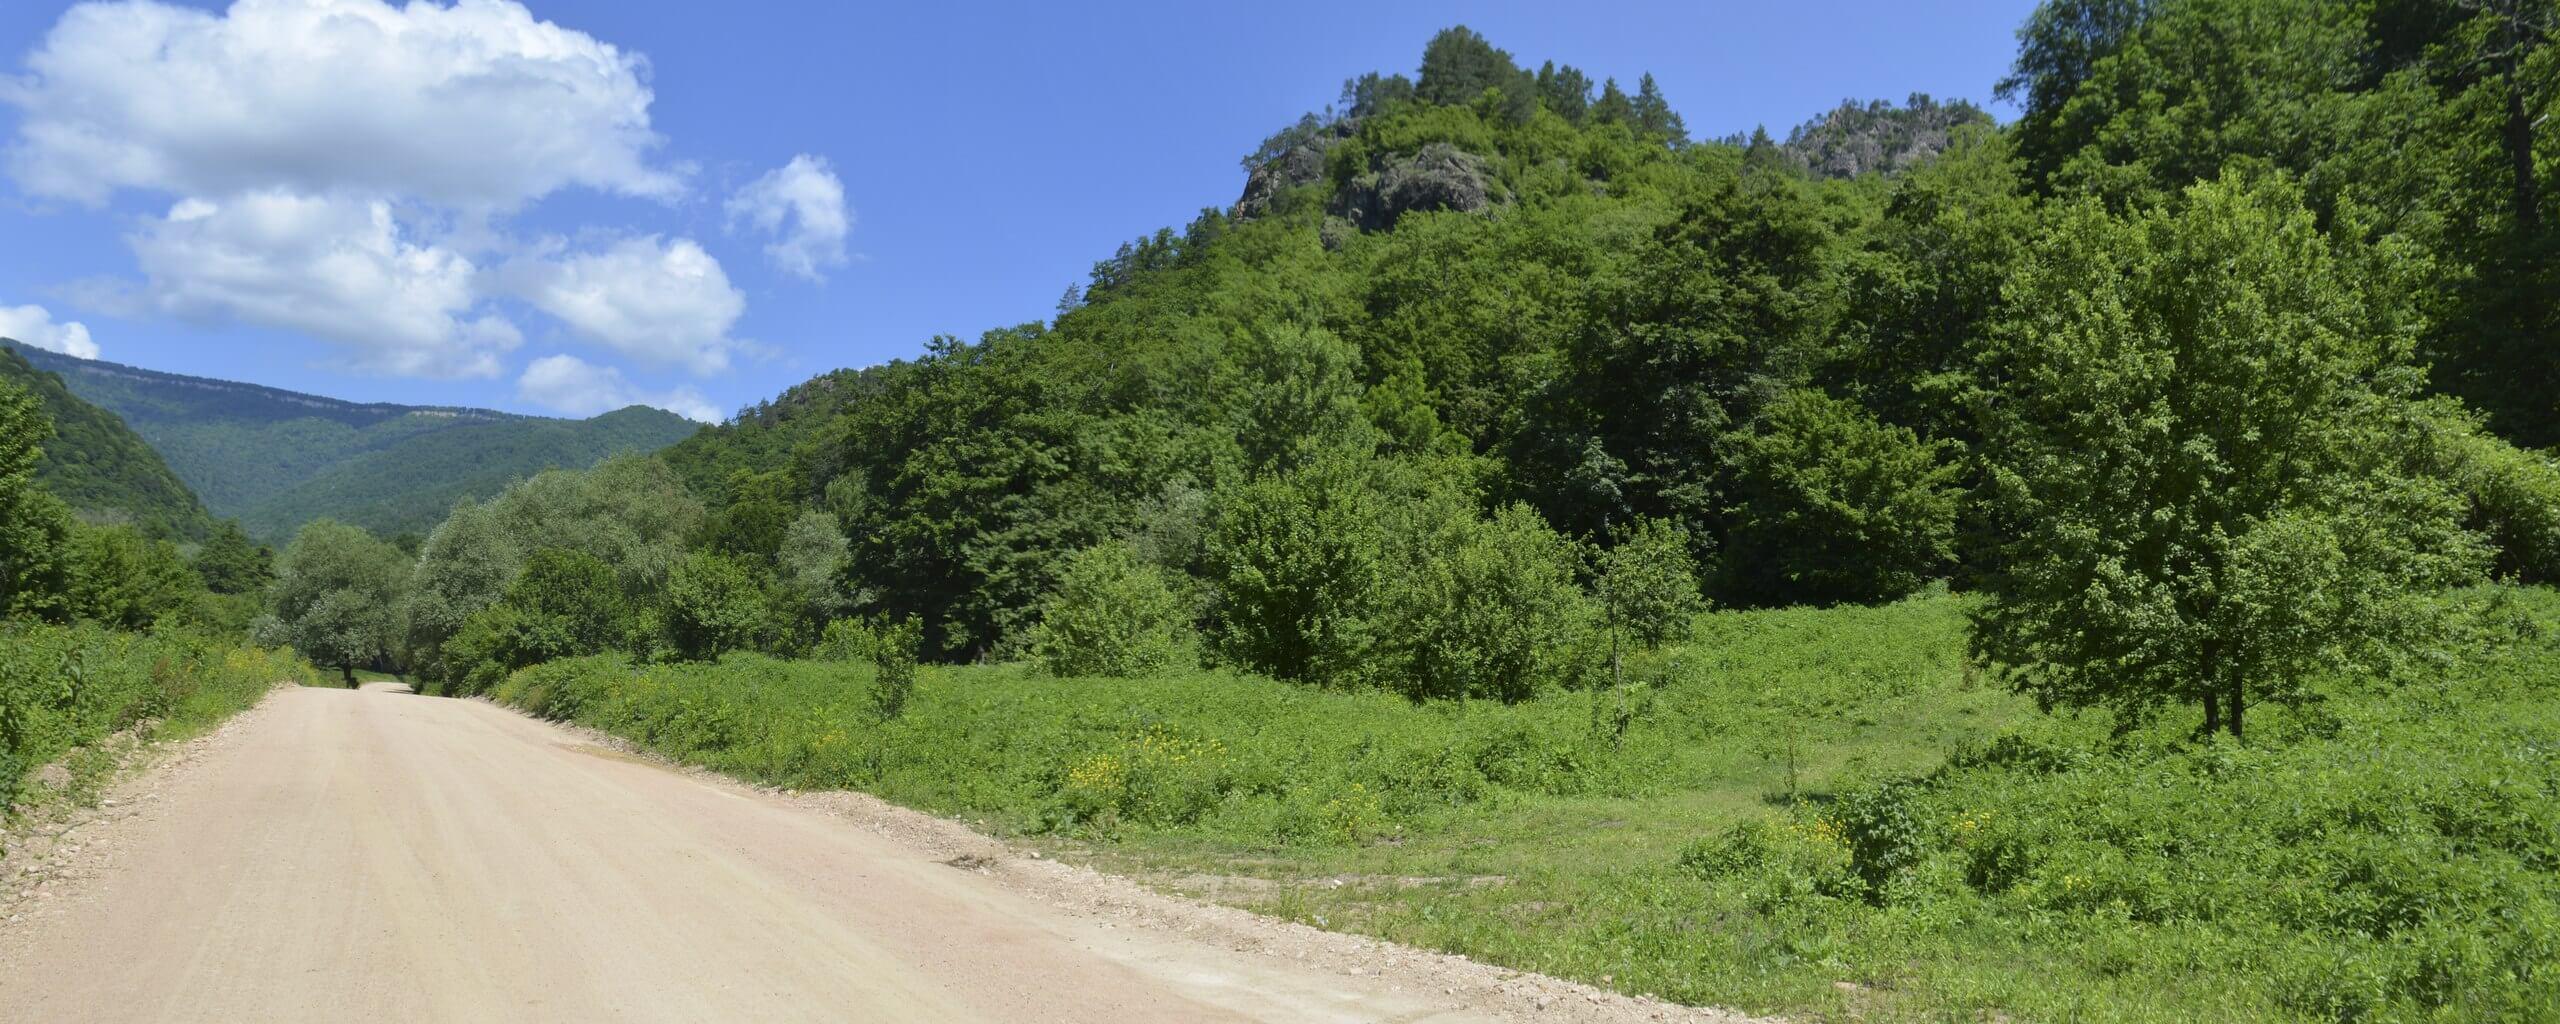 Поворот на тропу к горе Трезубец